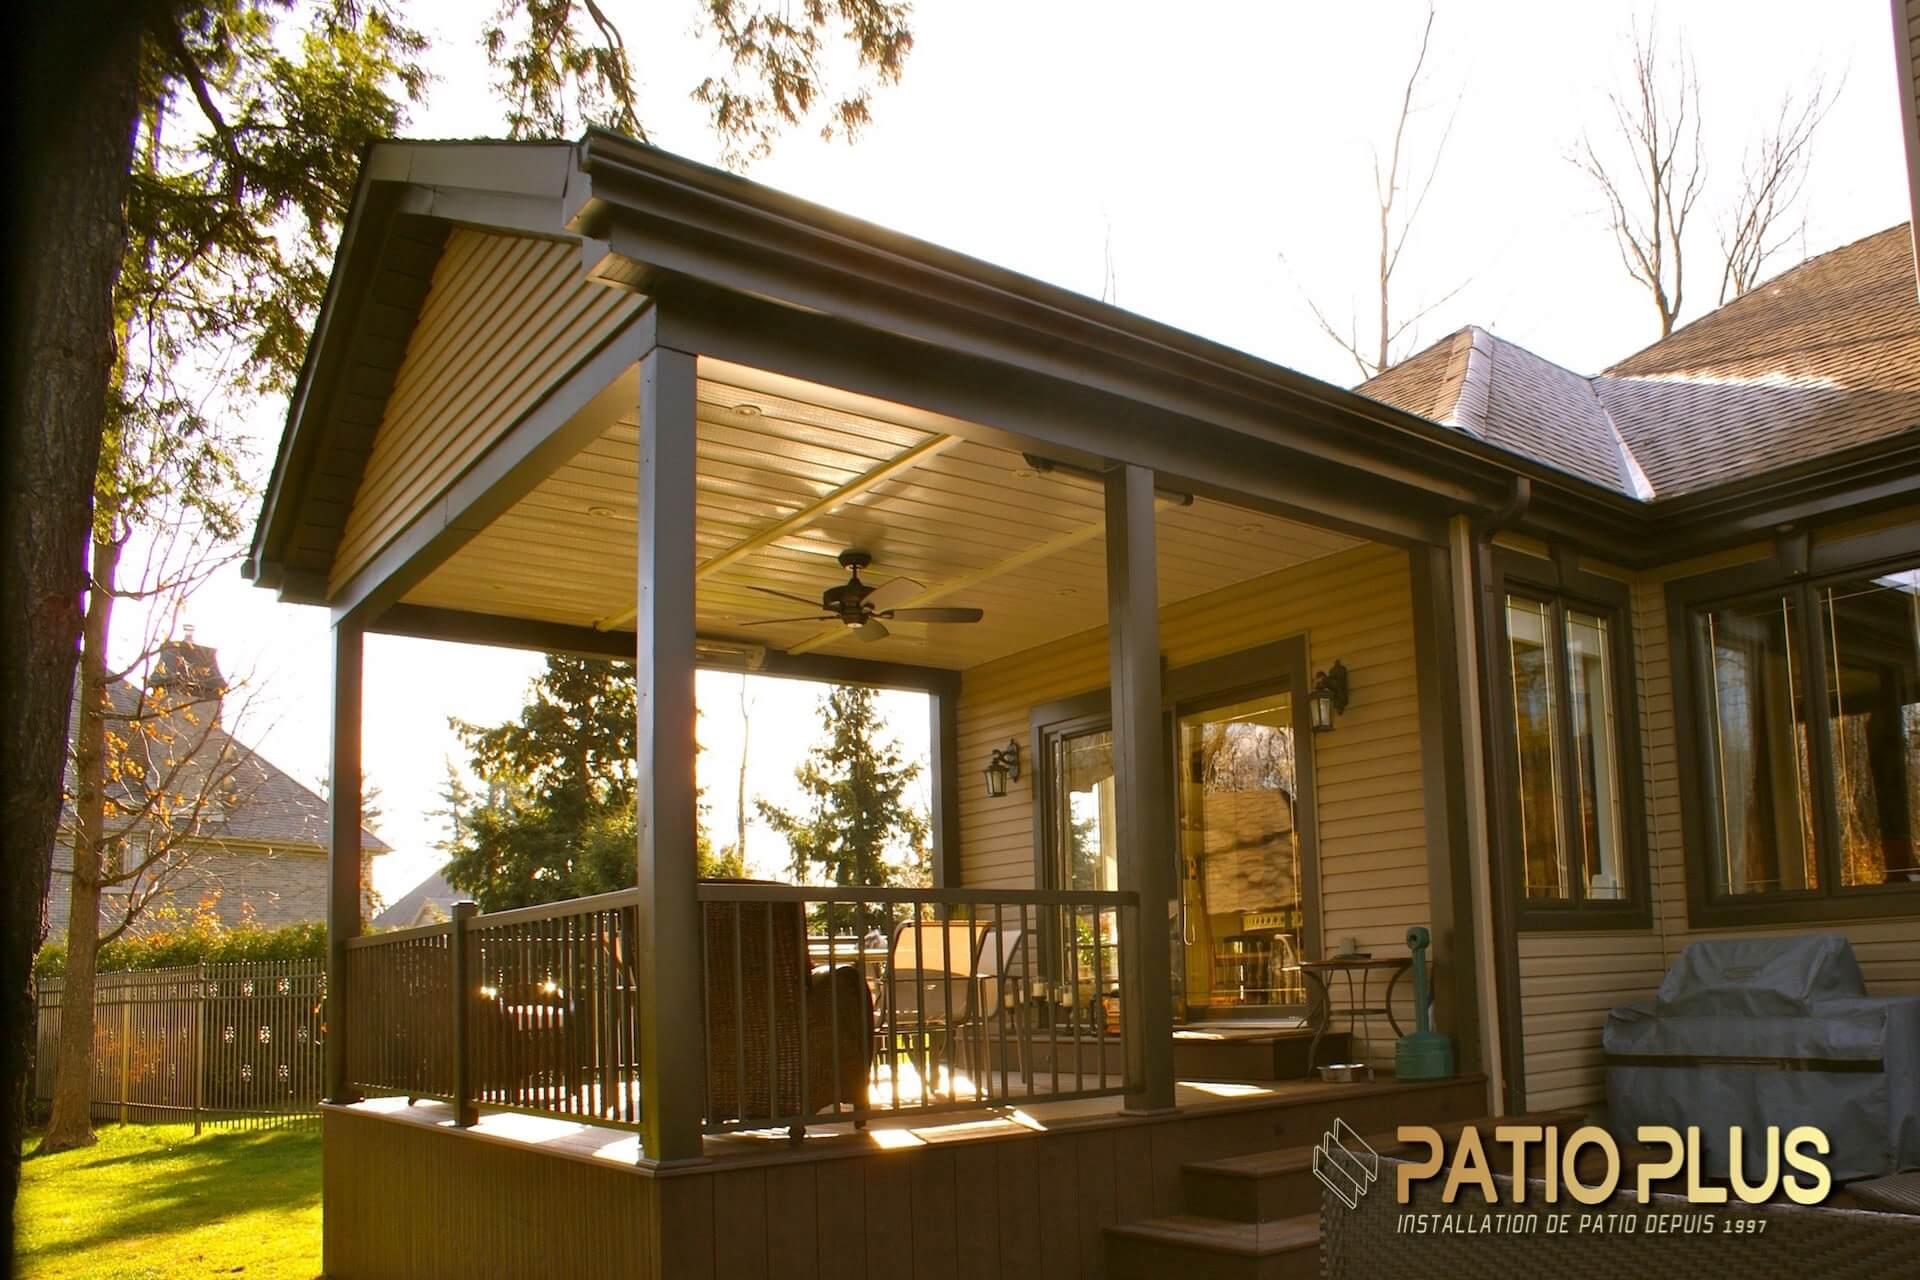 patio plus patio avec toit permanent terrasse sur toit. Black Bedroom Furniture Sets. Home Design Ideas